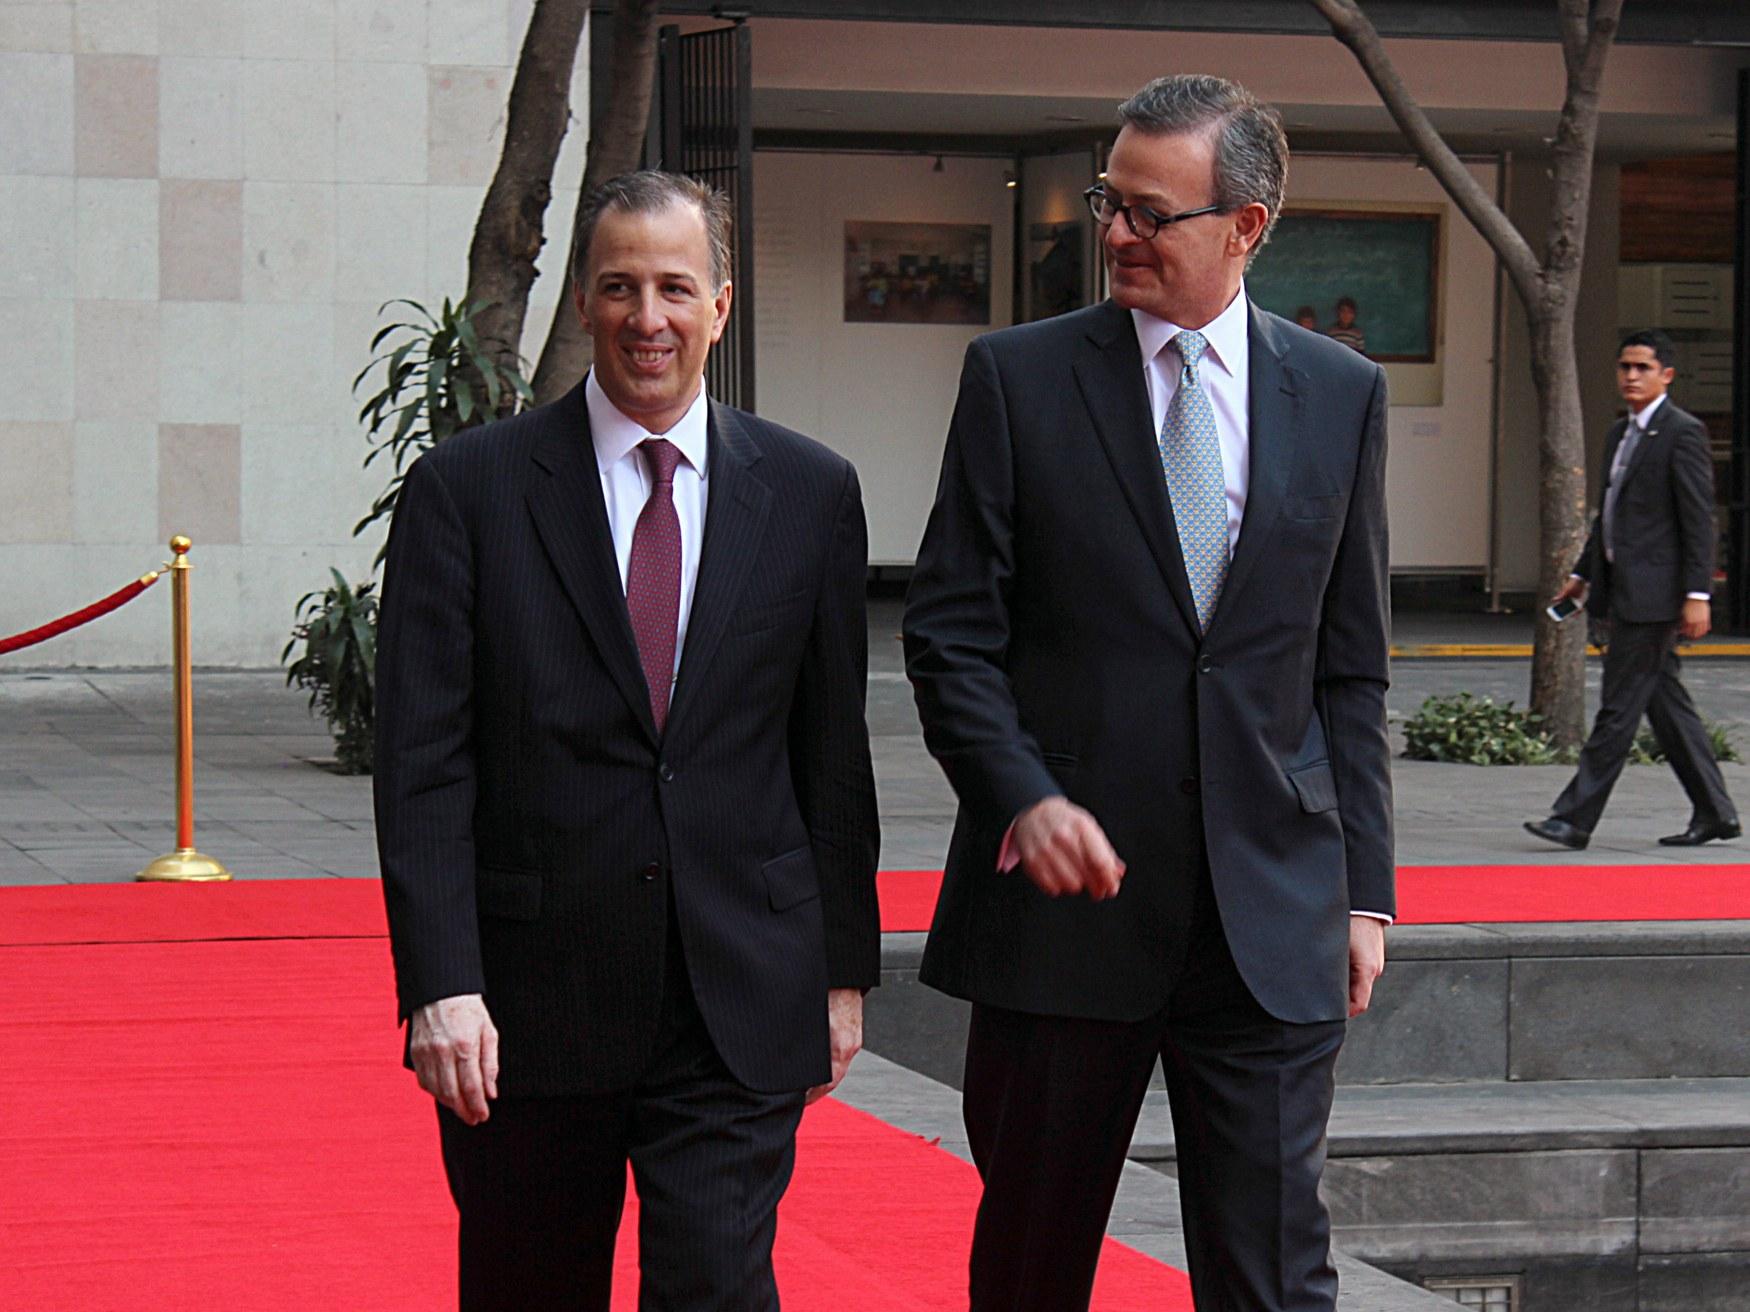 FOTO 1 El canciller Jos  Antonio Meade con el ministro de Relaciones Exteriores de Costa Rica  Manuel Gonz lez Sanzjpg